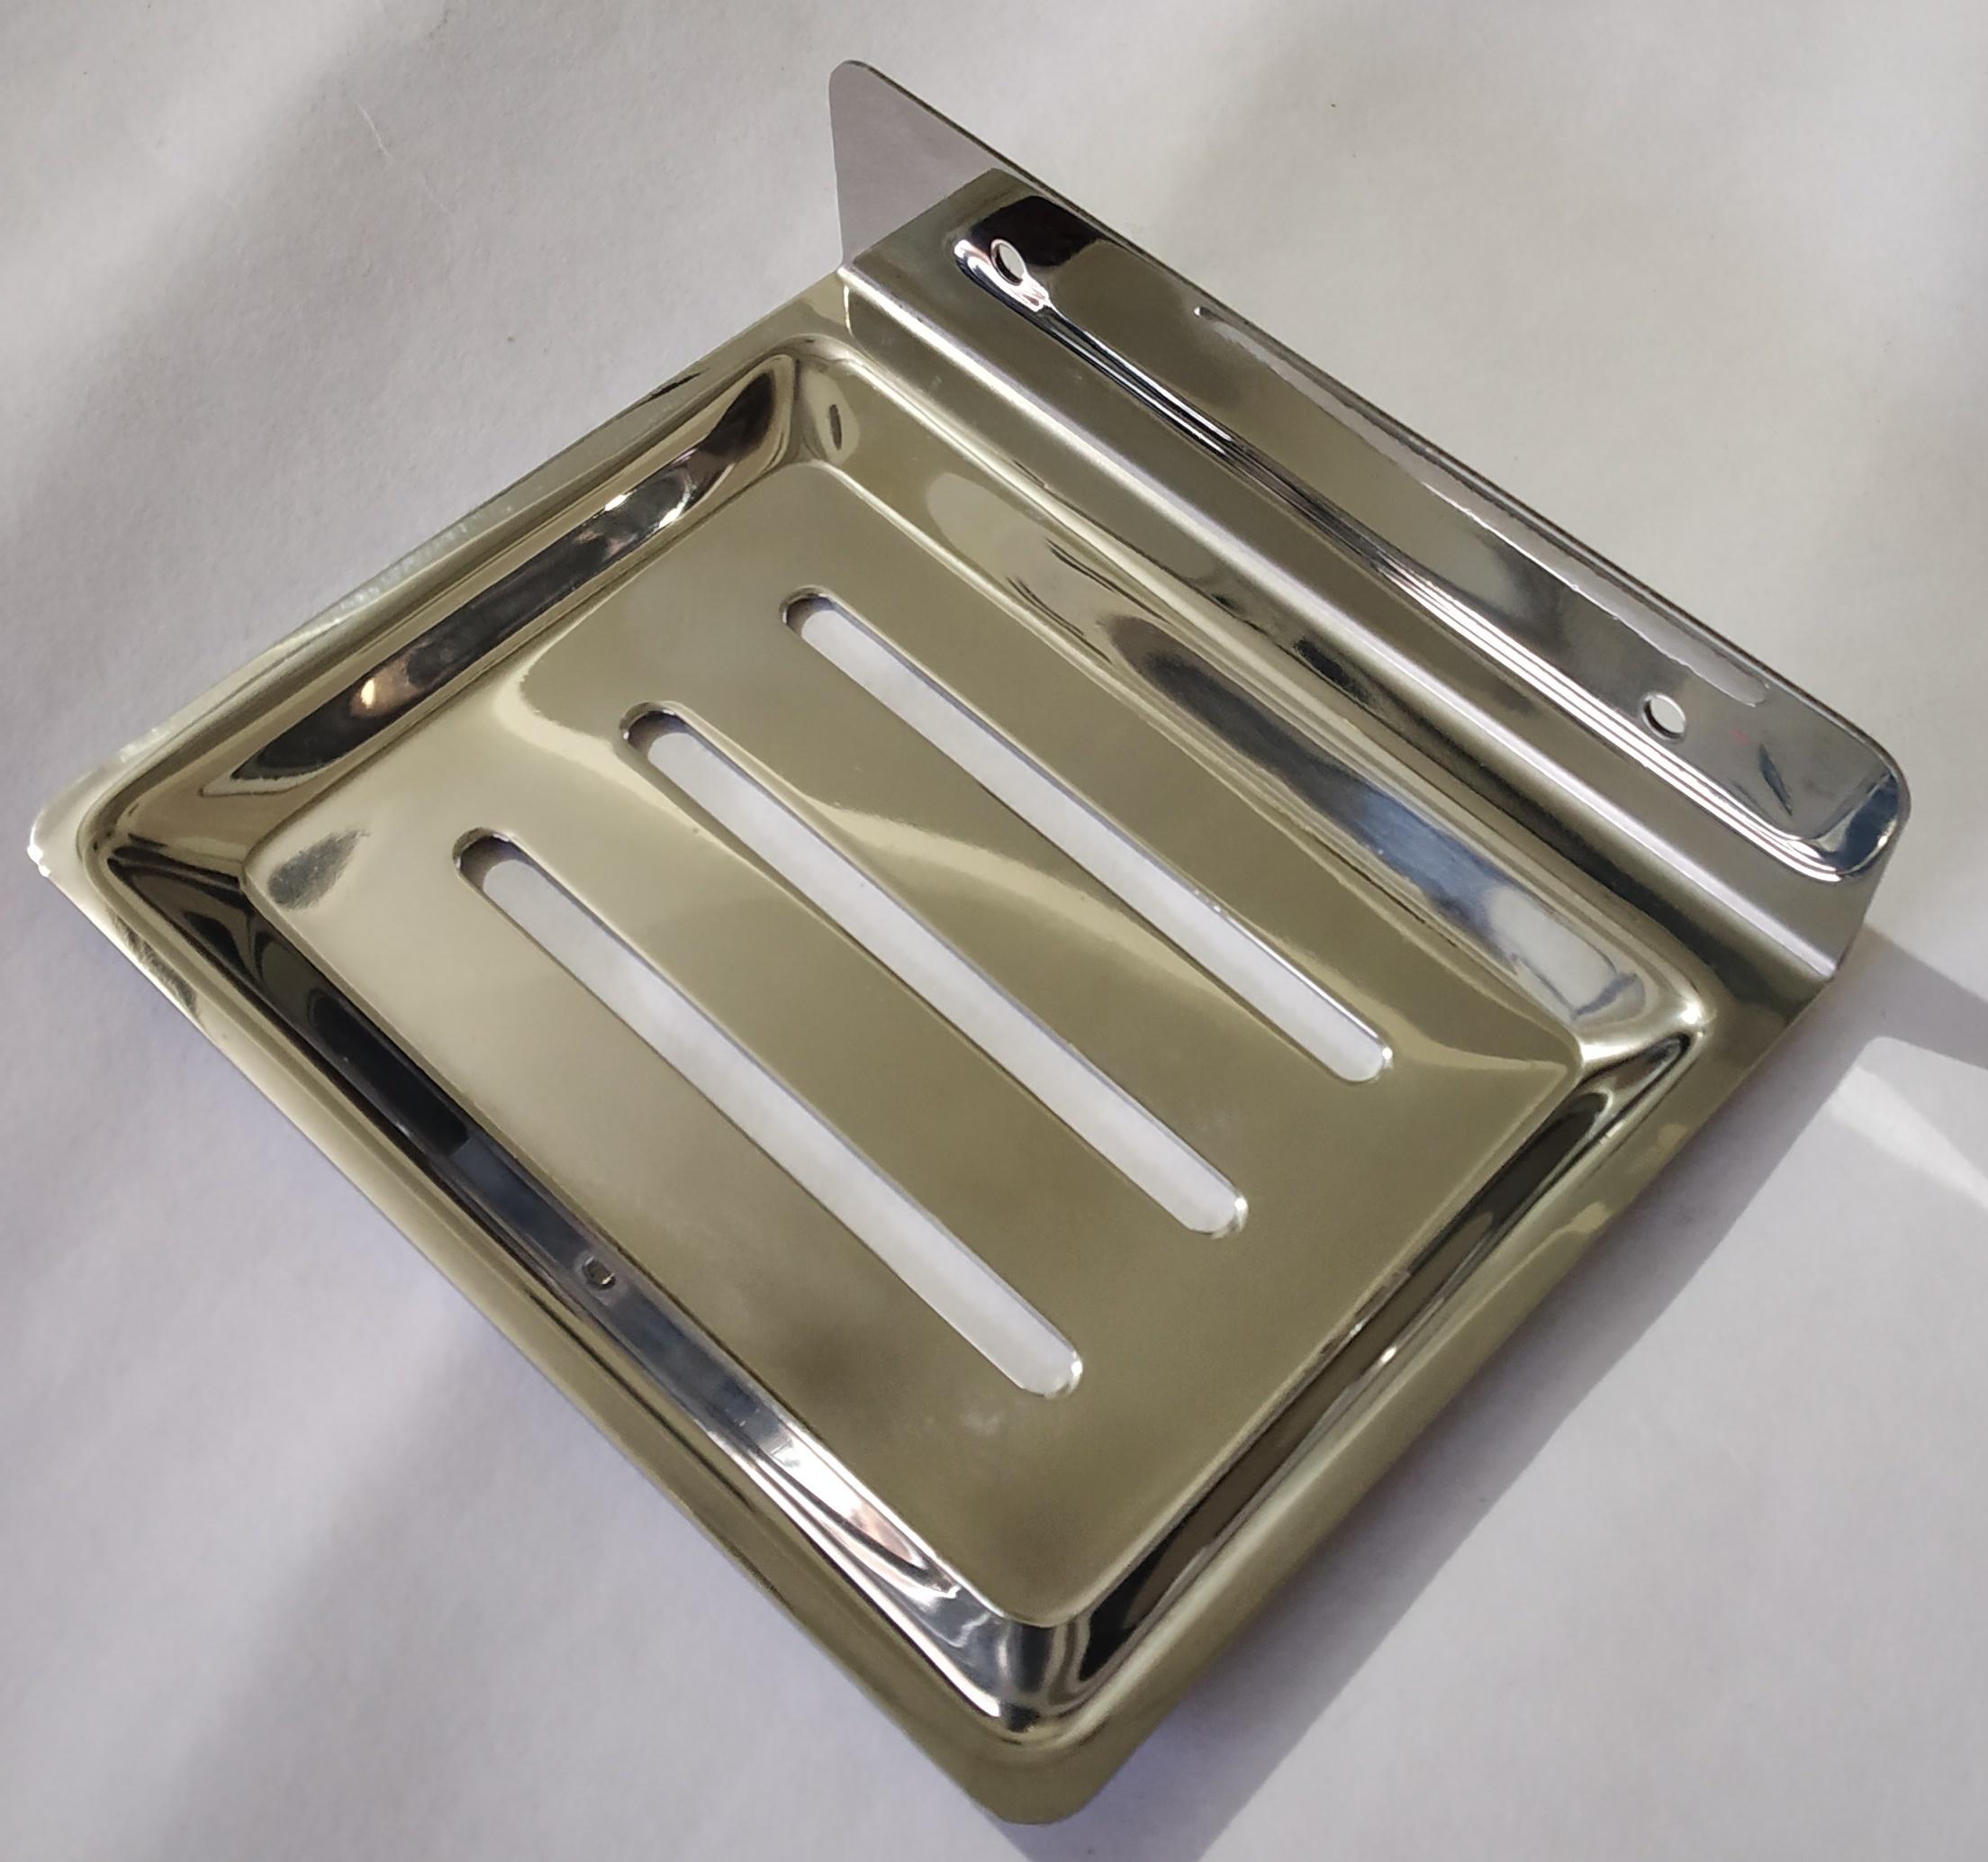 Benz soap dish